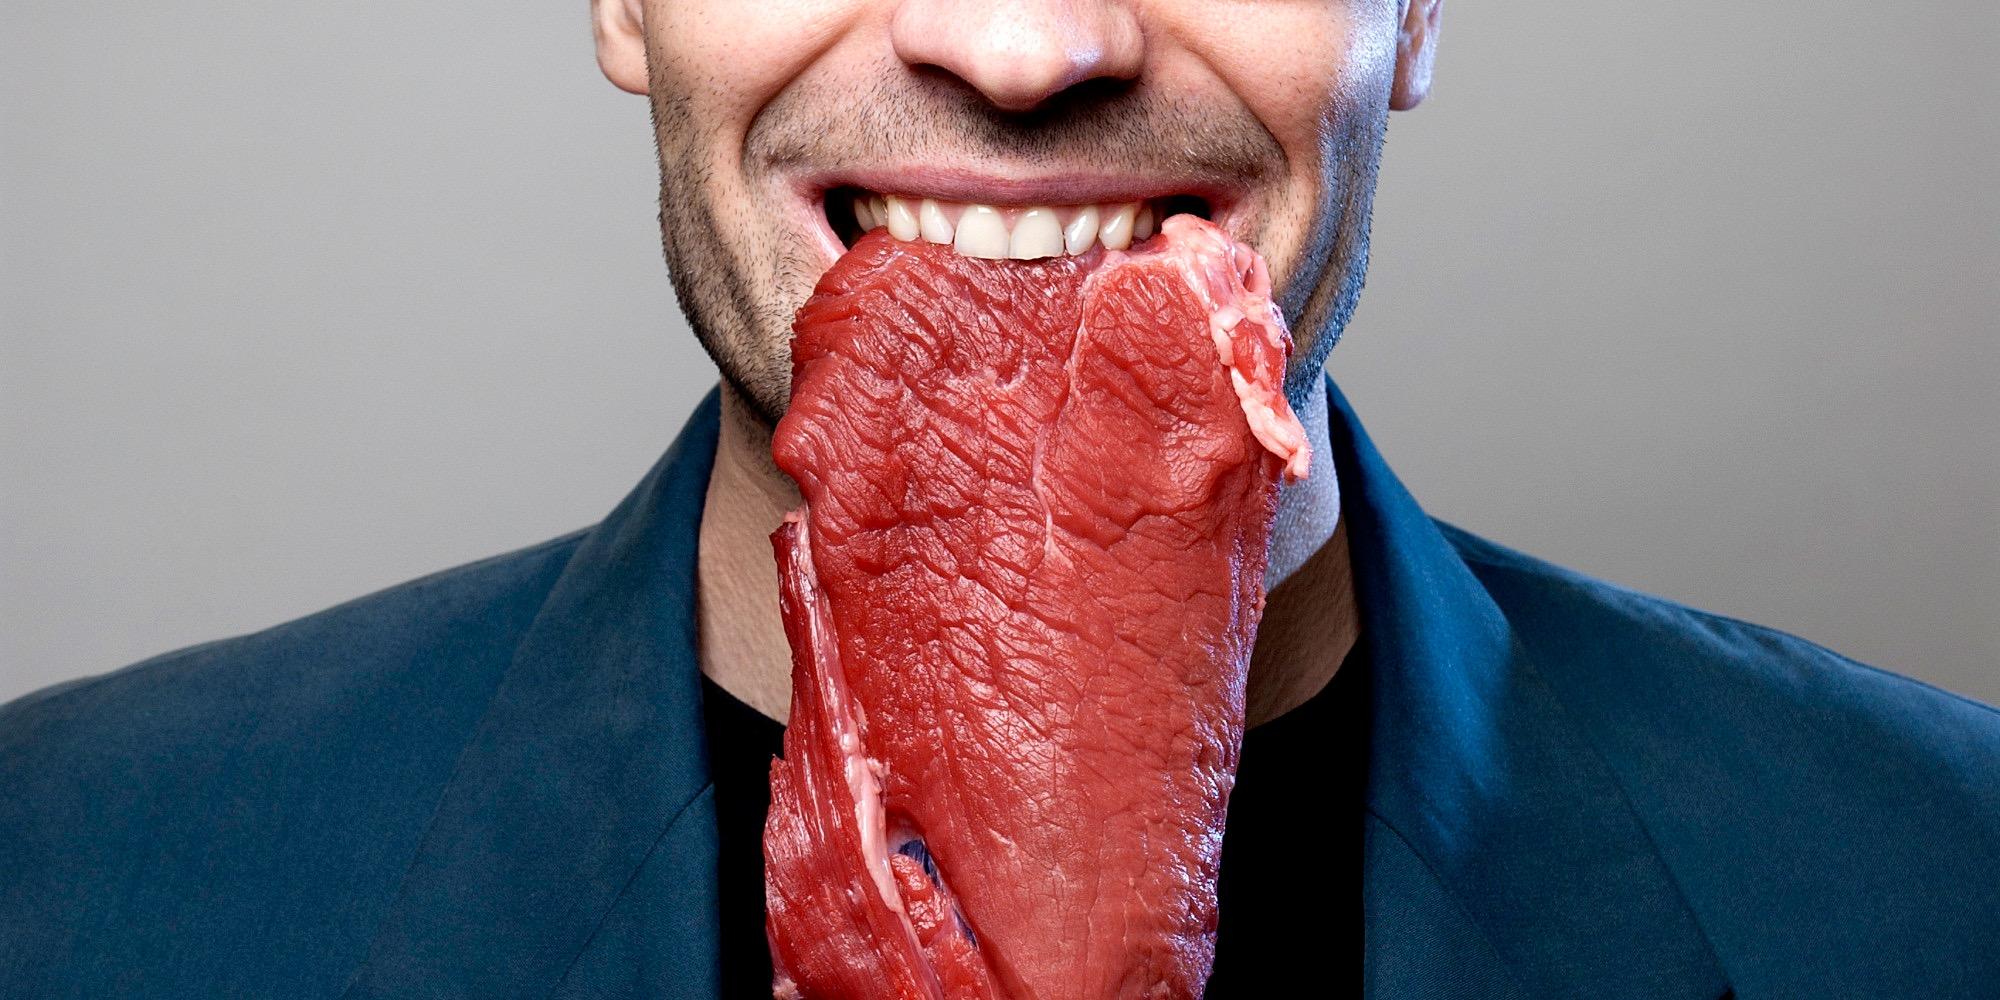 Scandale sur la qualité de la viande. Par michael Gundill